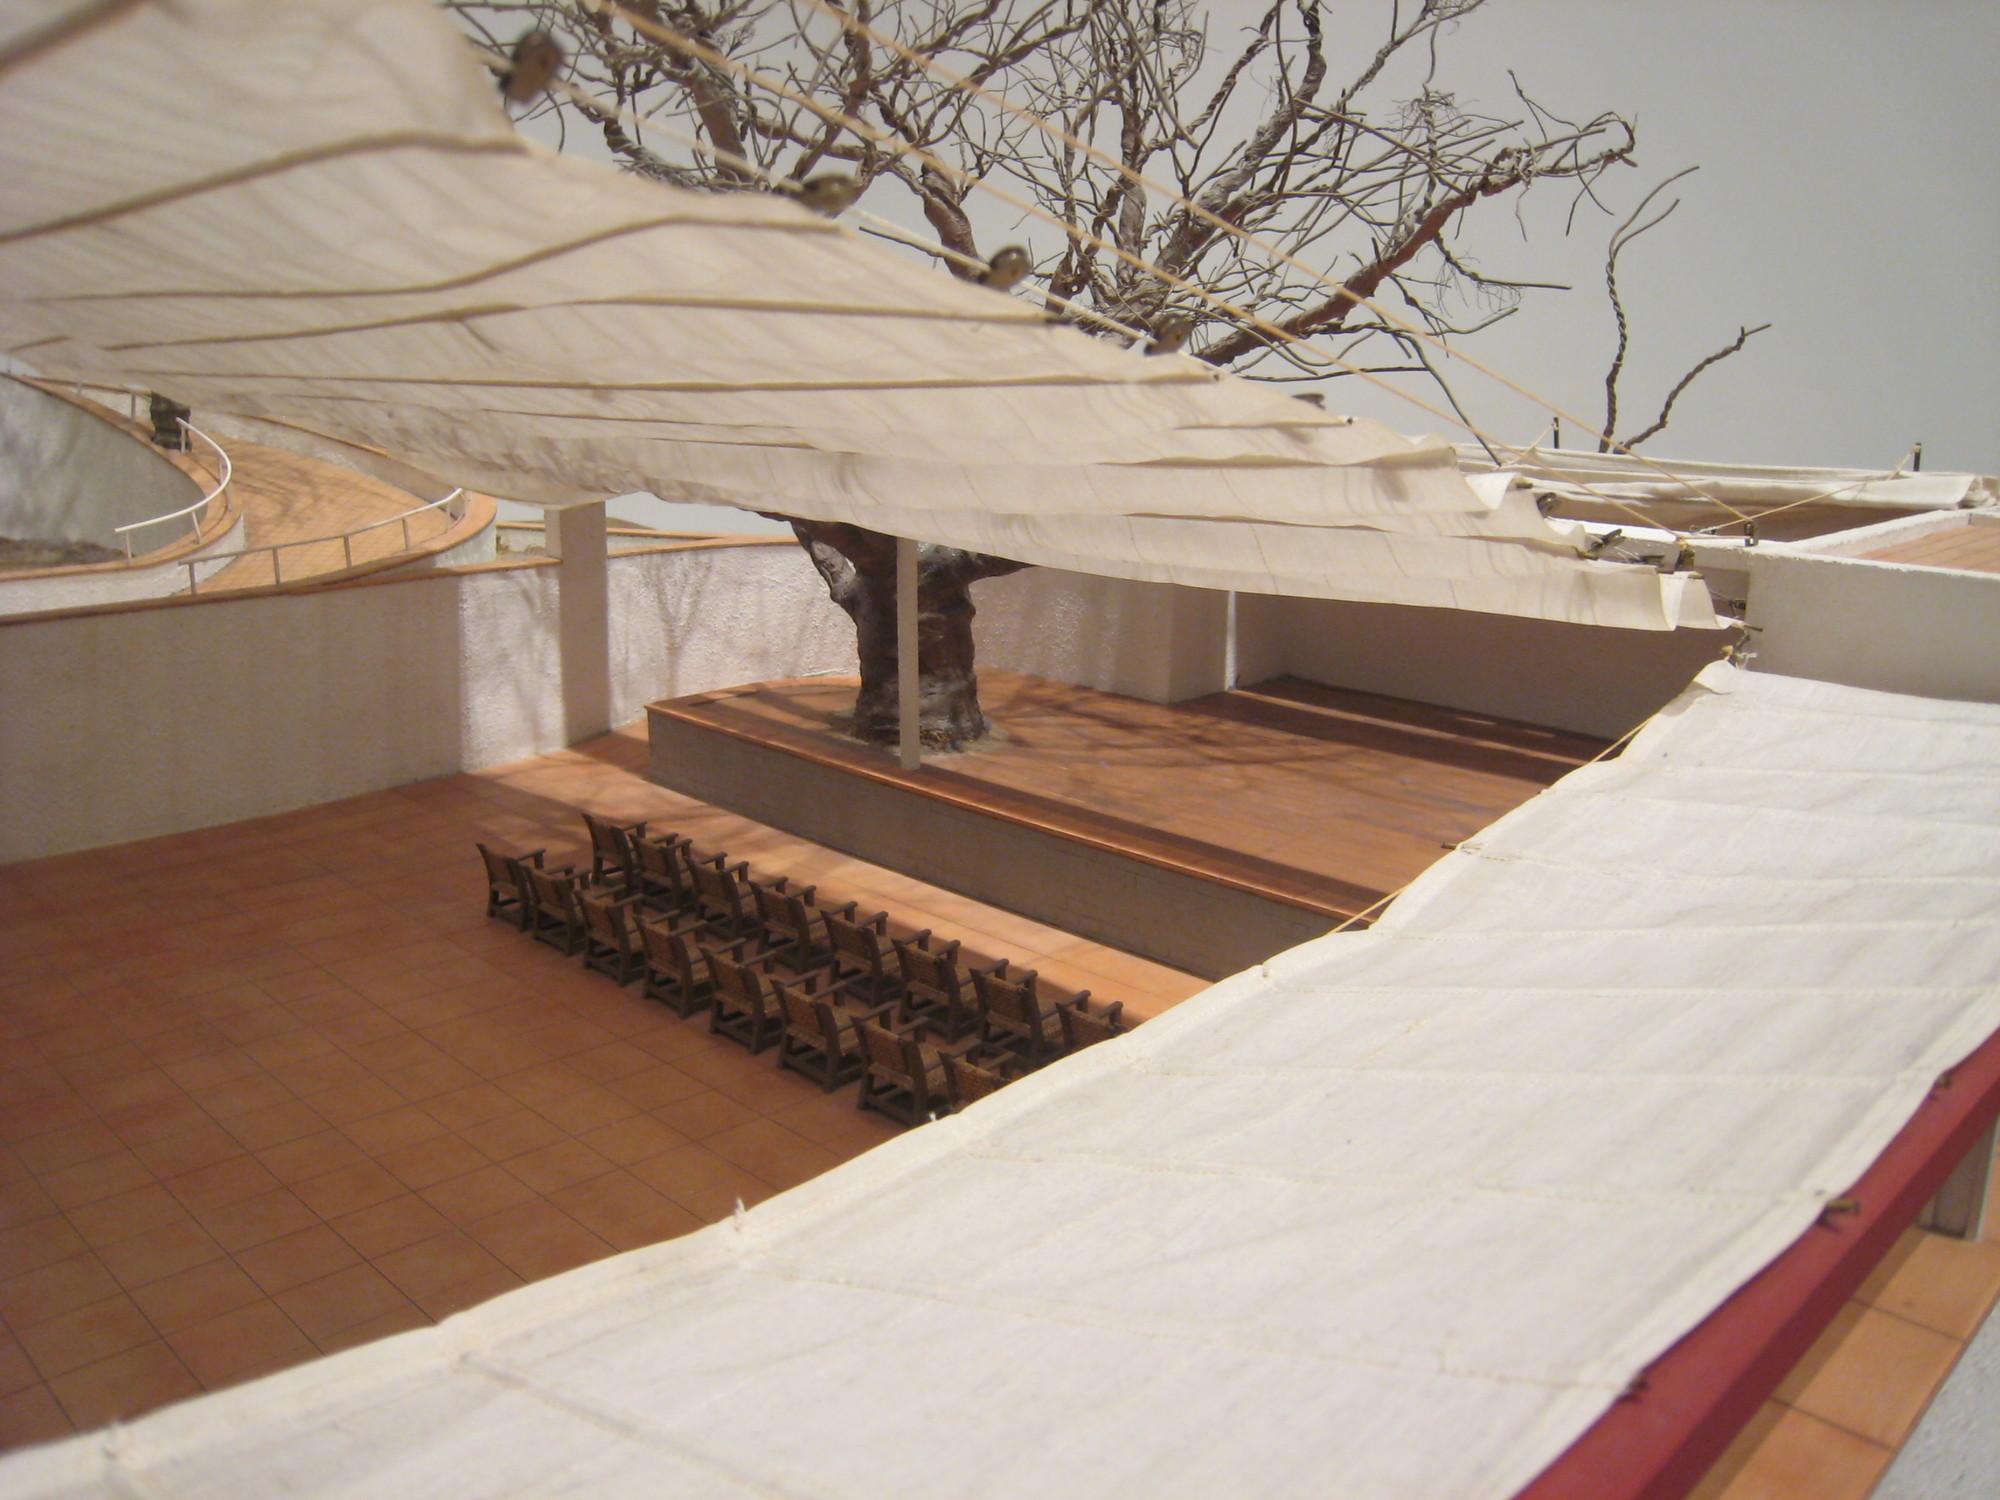 Maqueta / Patio interior. Image Courtesy of Óscar Miguel Ares